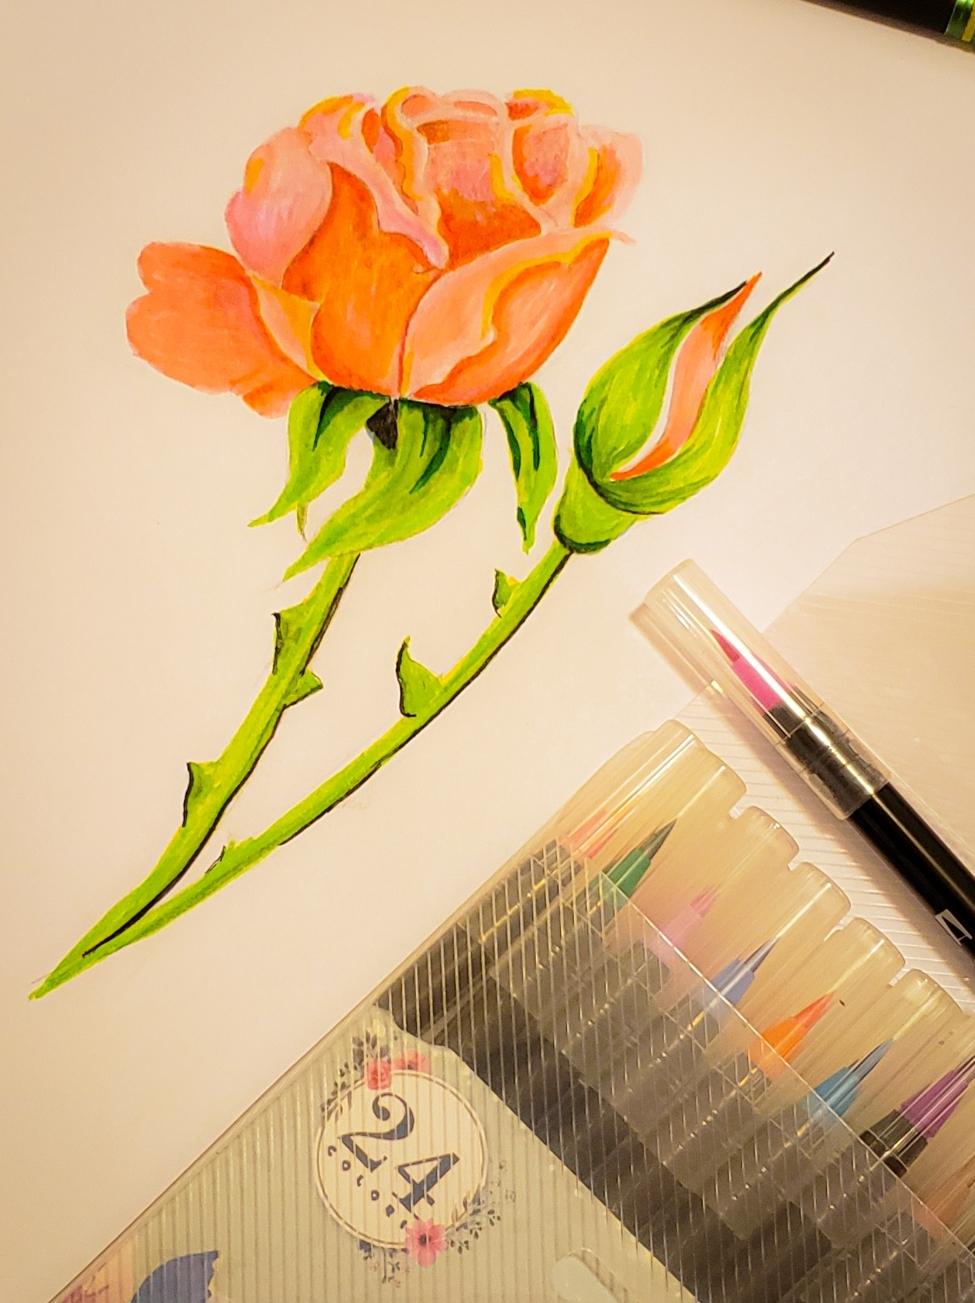 watercolor pens.